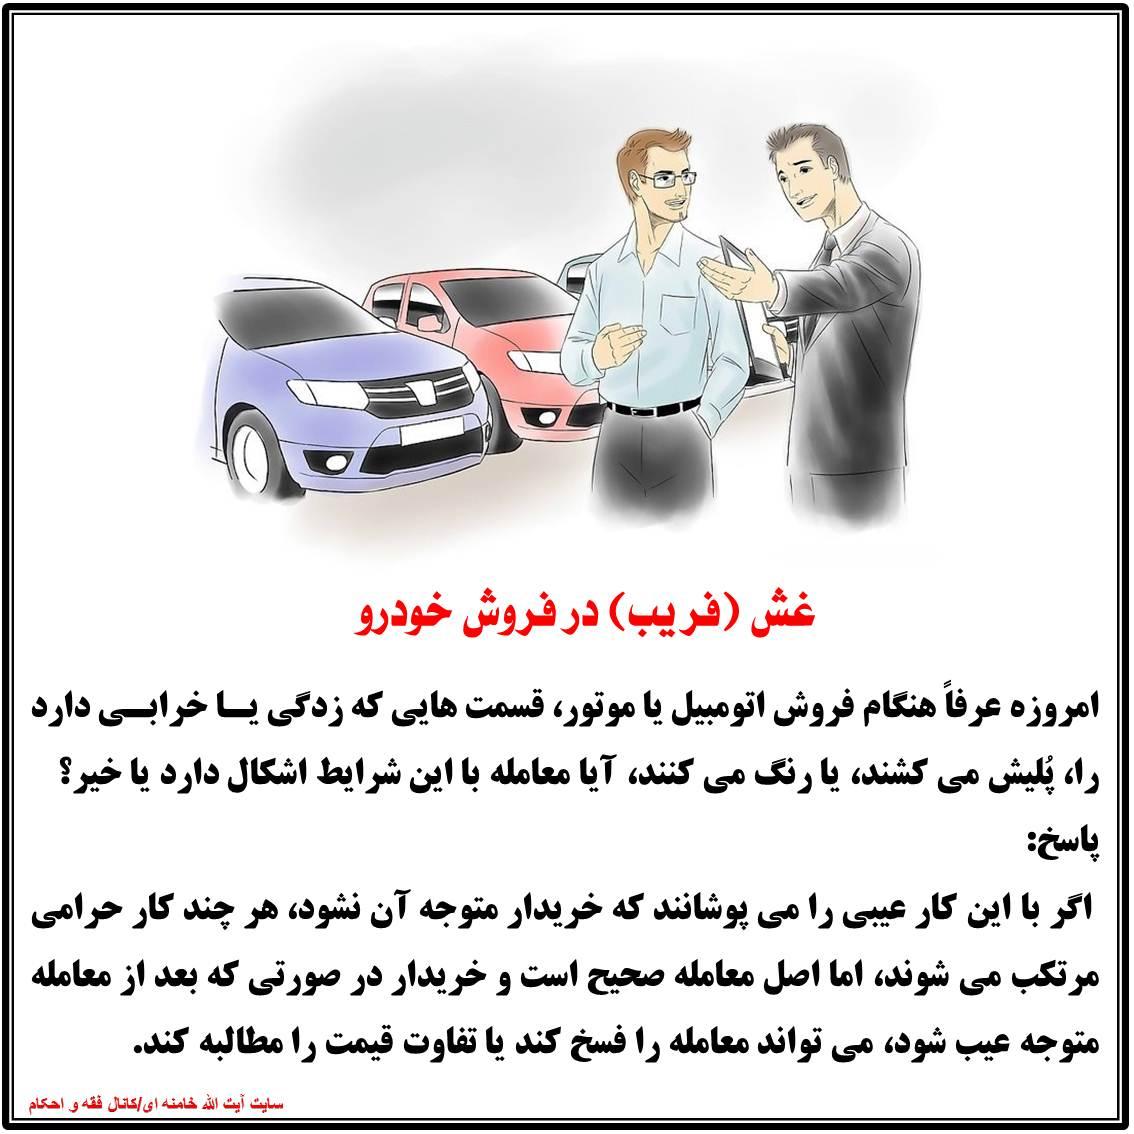 غش (فریب) در فروش خودرو